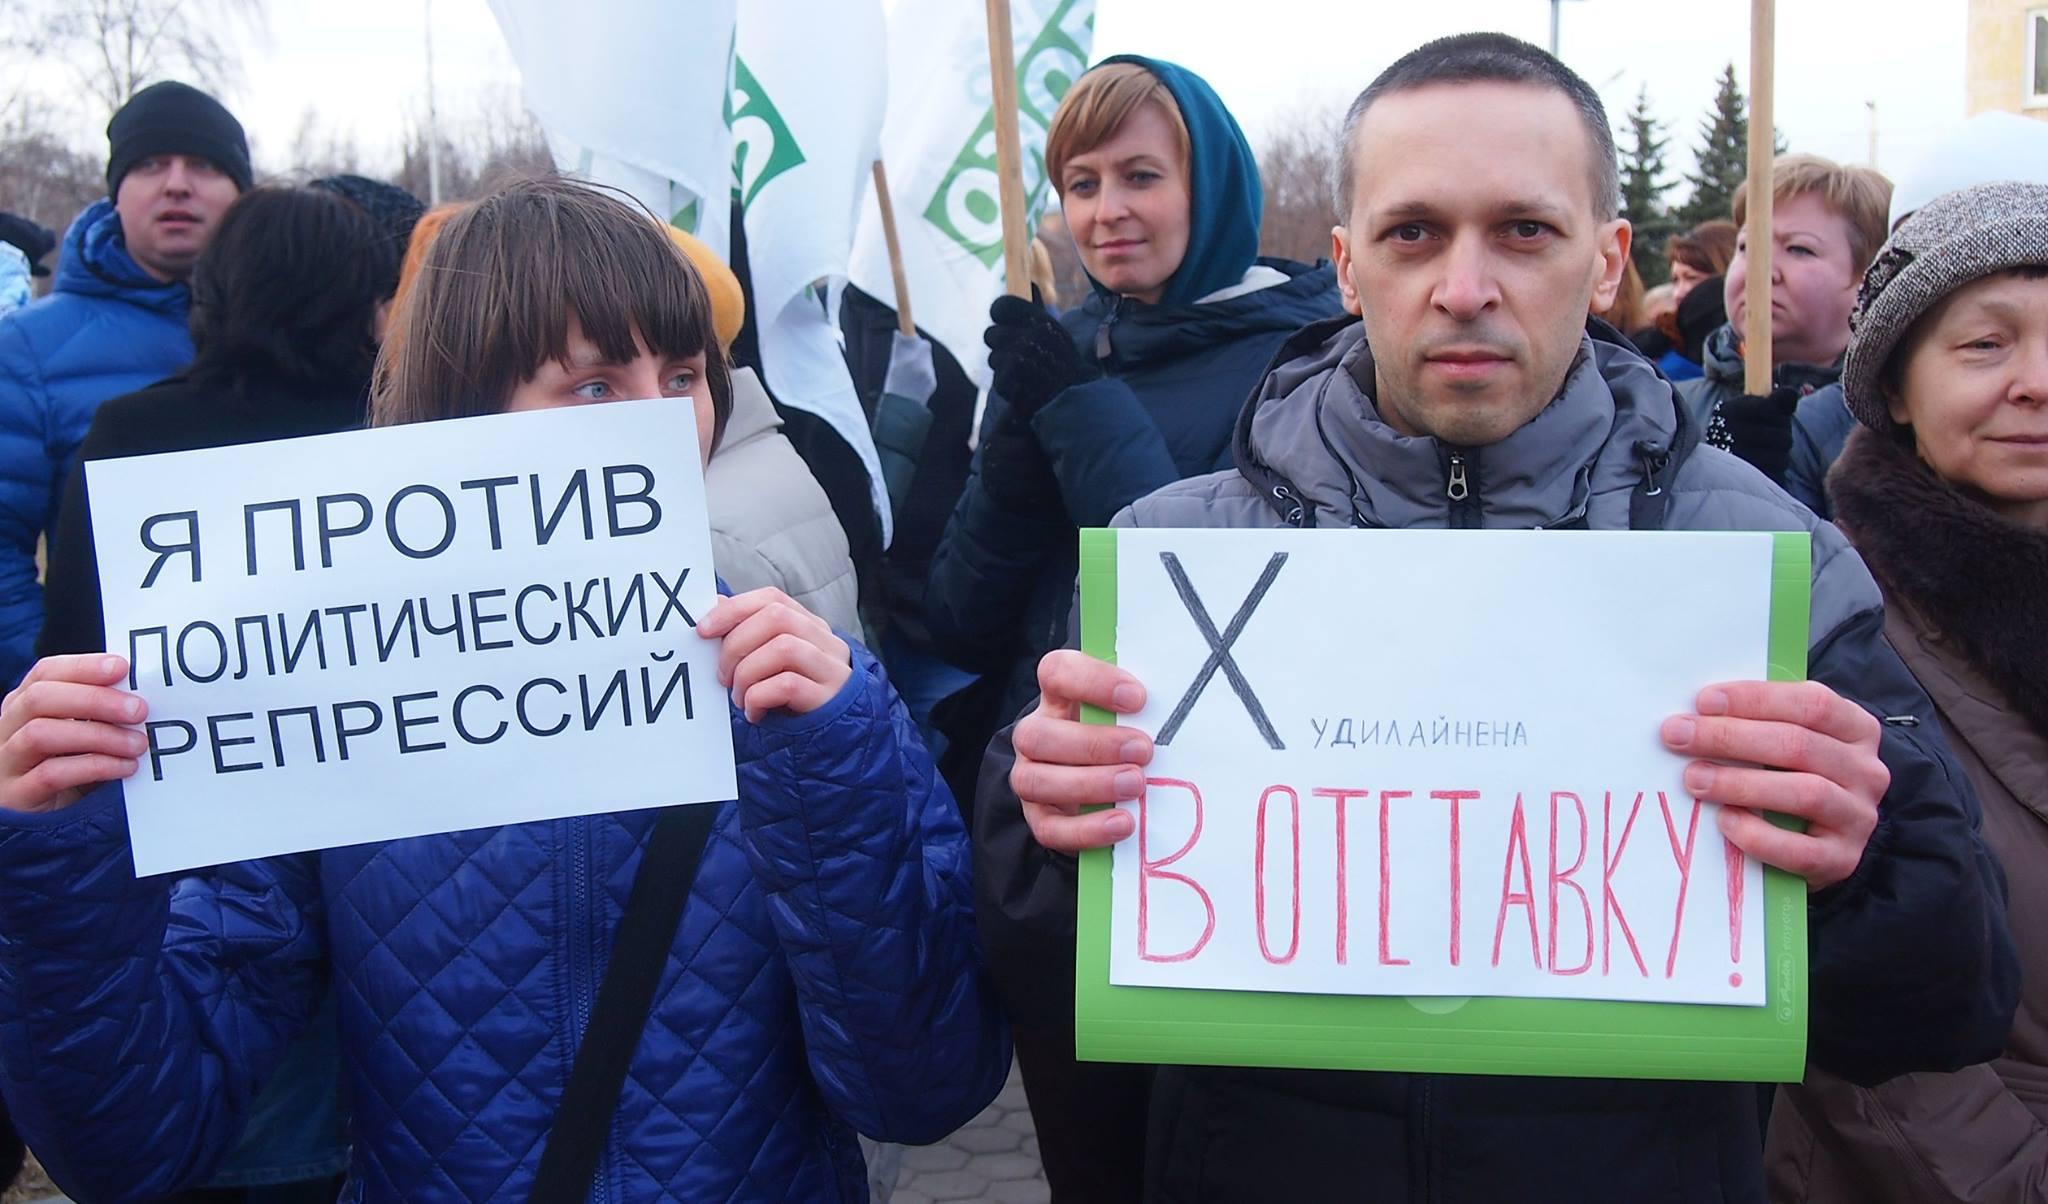 Массовые митинги против политических репрессий в Карелии остались властью не замечены? Фото: Валерий Поташов